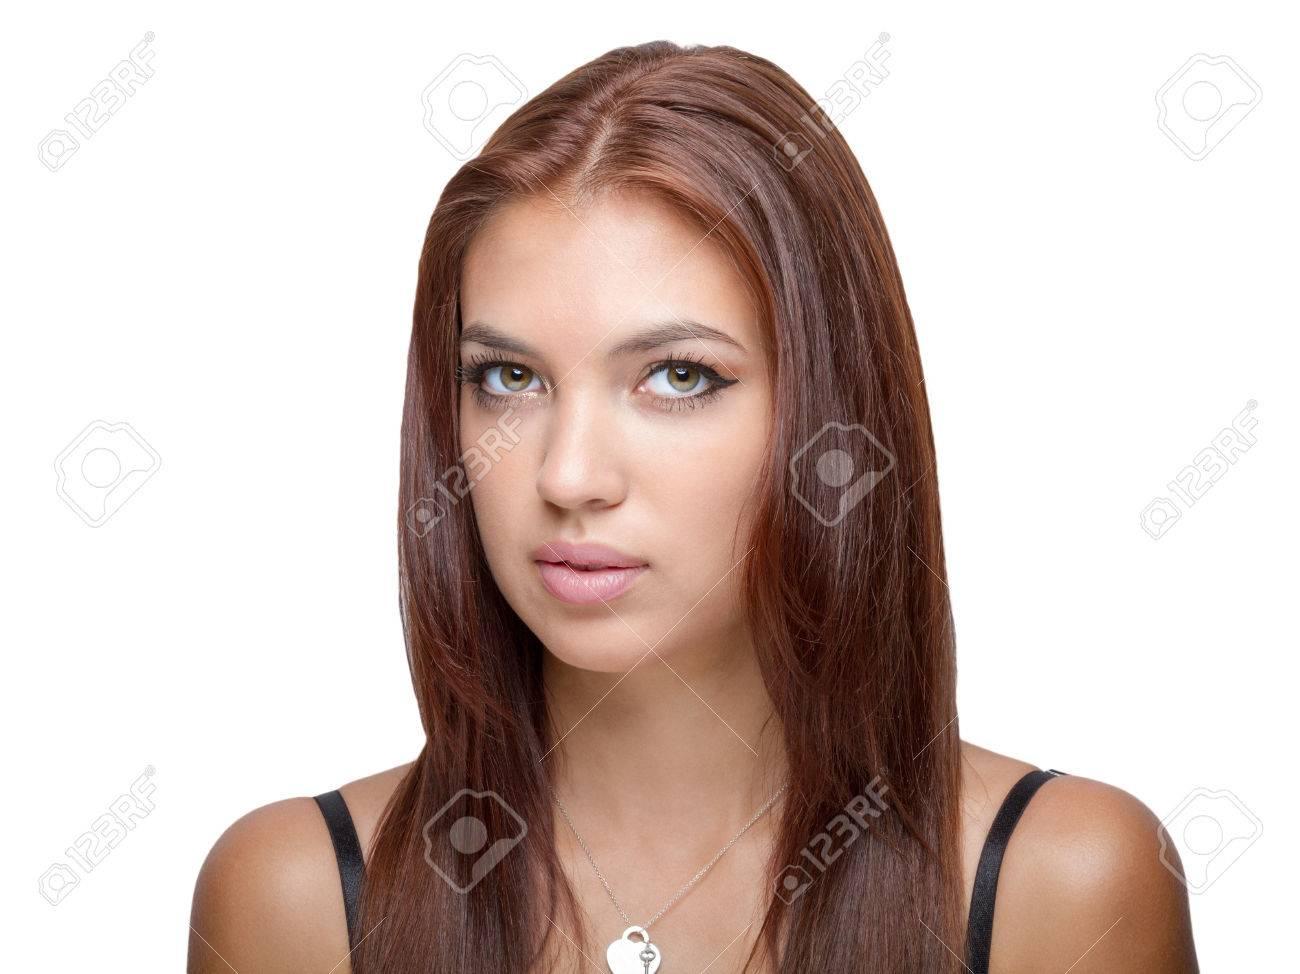 cheveux auburn modèle féminin menton incliné coup de tête banque d